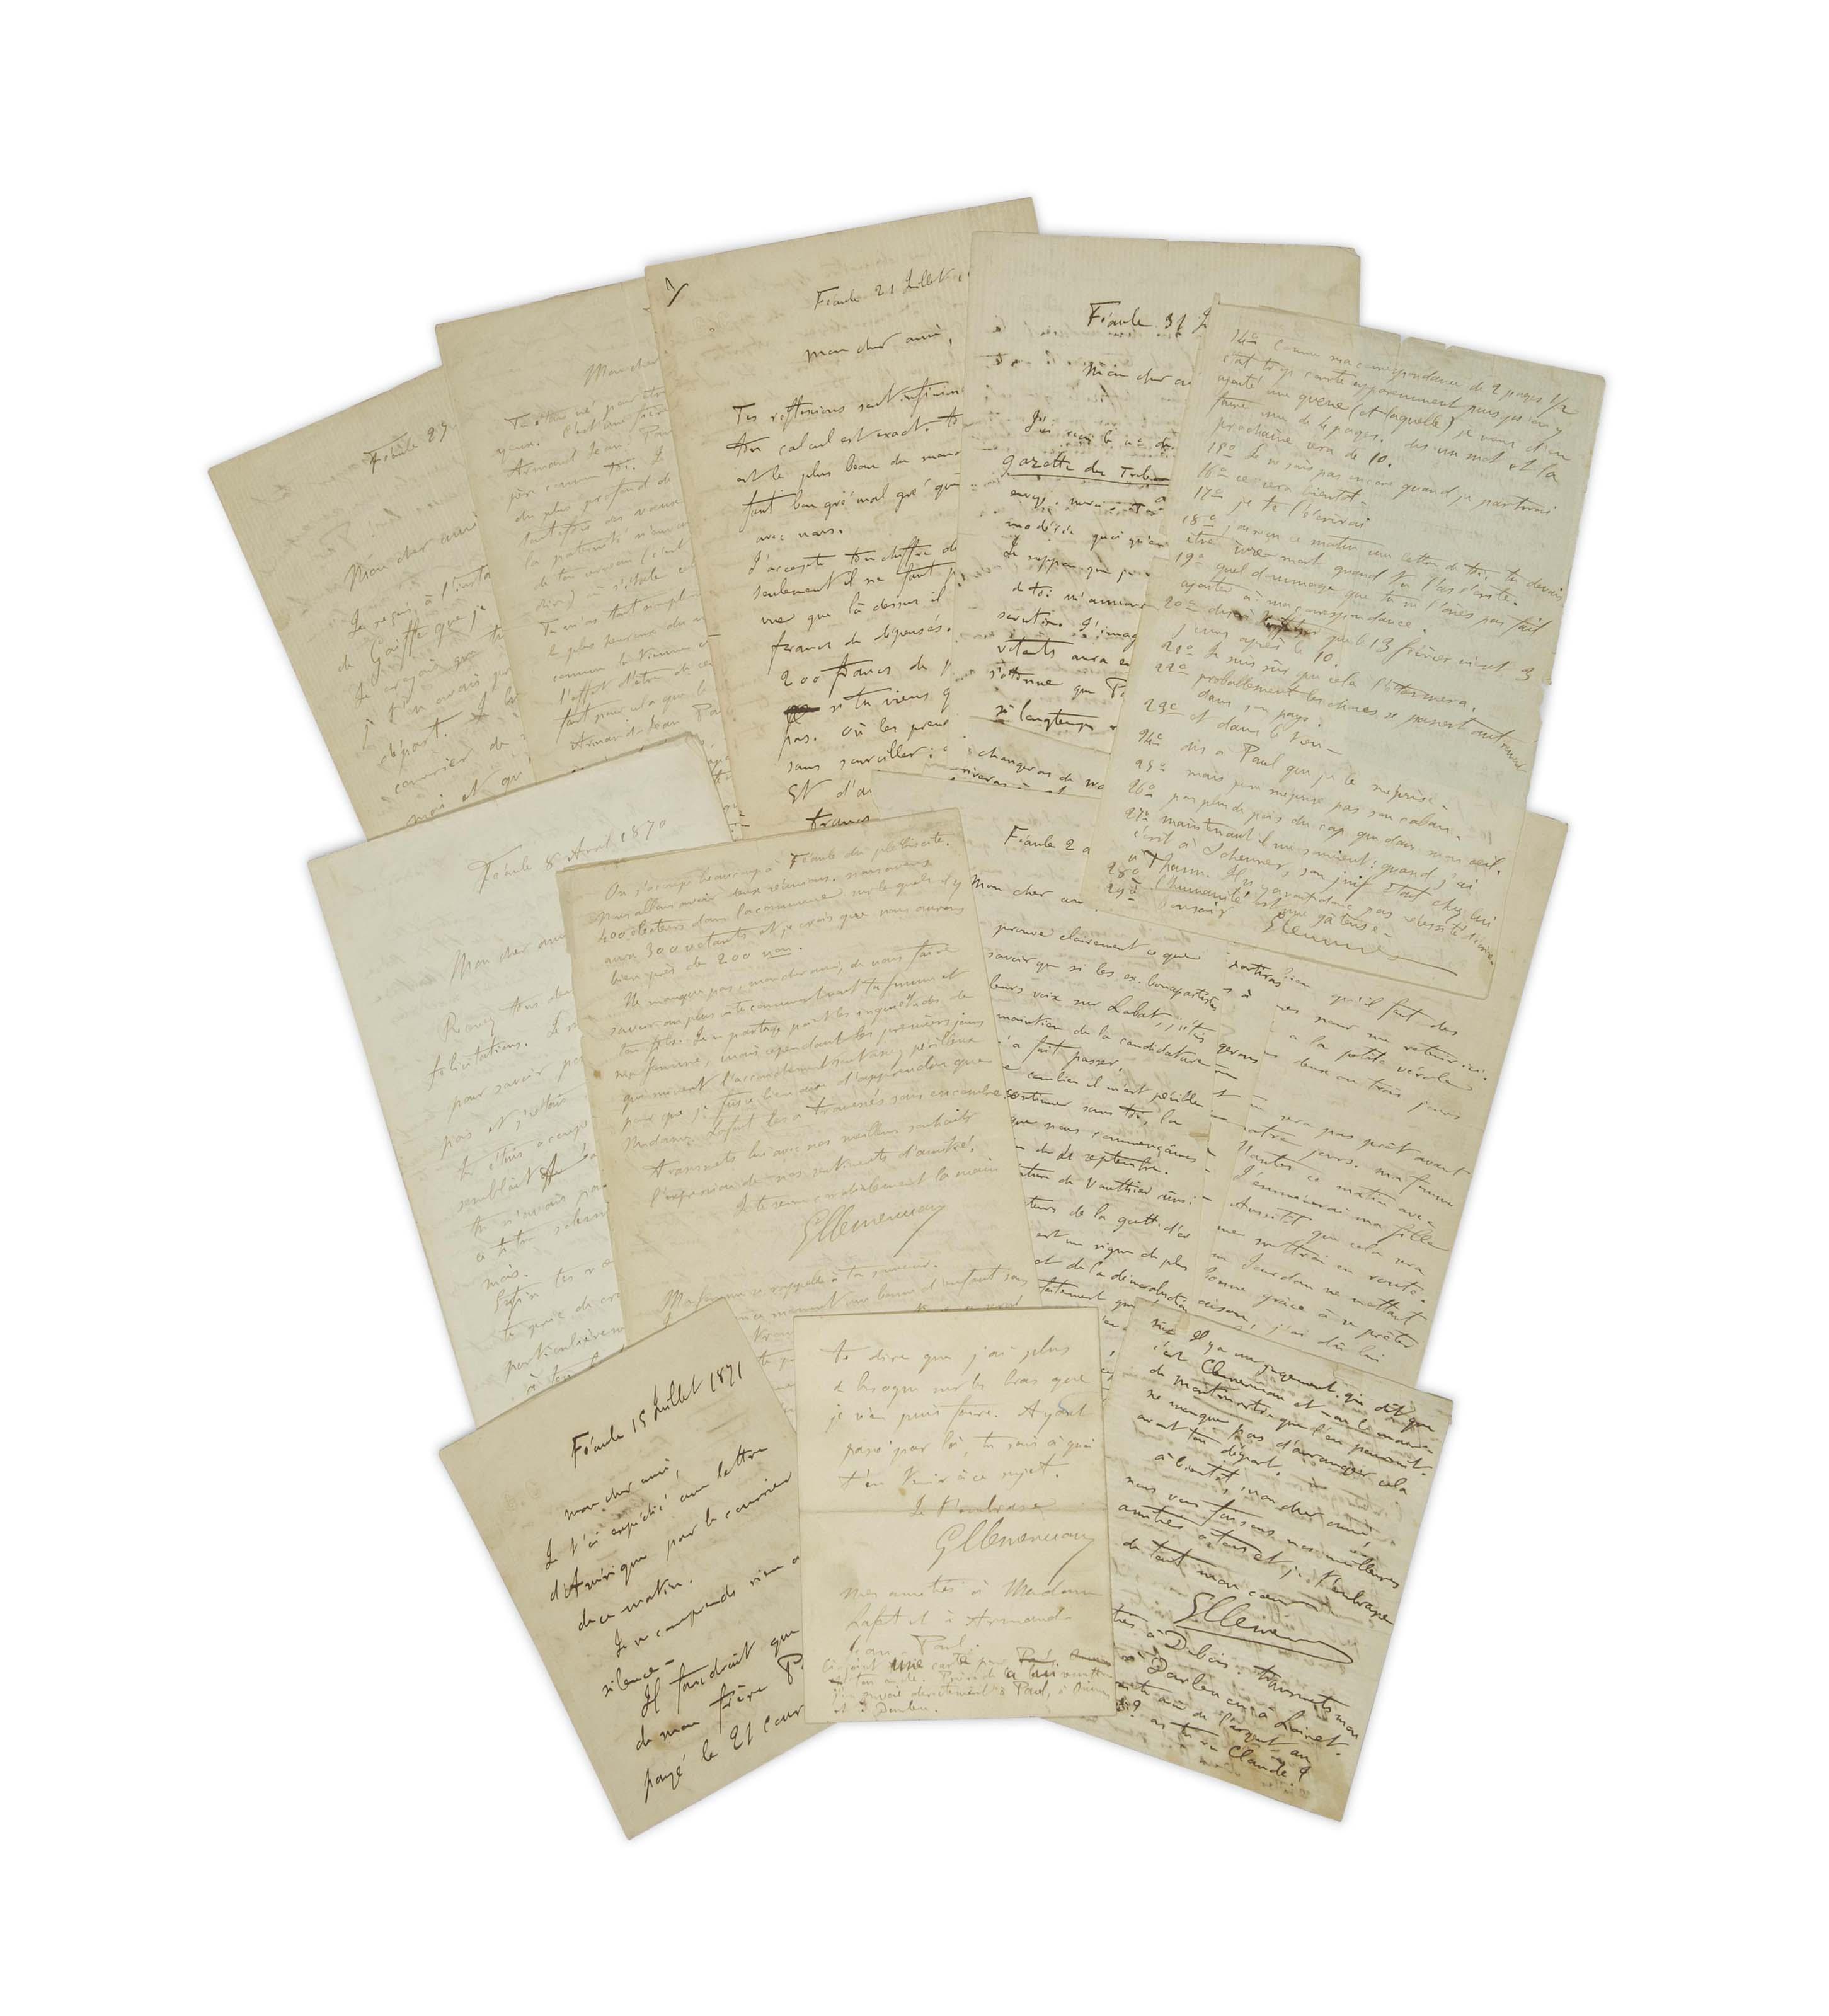 CLEMENCEAU, Georges (1841-1929).  Réunion de 11 lettres autographes signées à Jean-Antoine Lafont (1835-1908), datées de Féaule entre le 8 avril 1870 et le 28 novembre 1871. De 2 à 8 pages in-8 (212 x 135 mm). Provenance: Jean-Antoine Lafont et par descendance au propriétaire actuel.